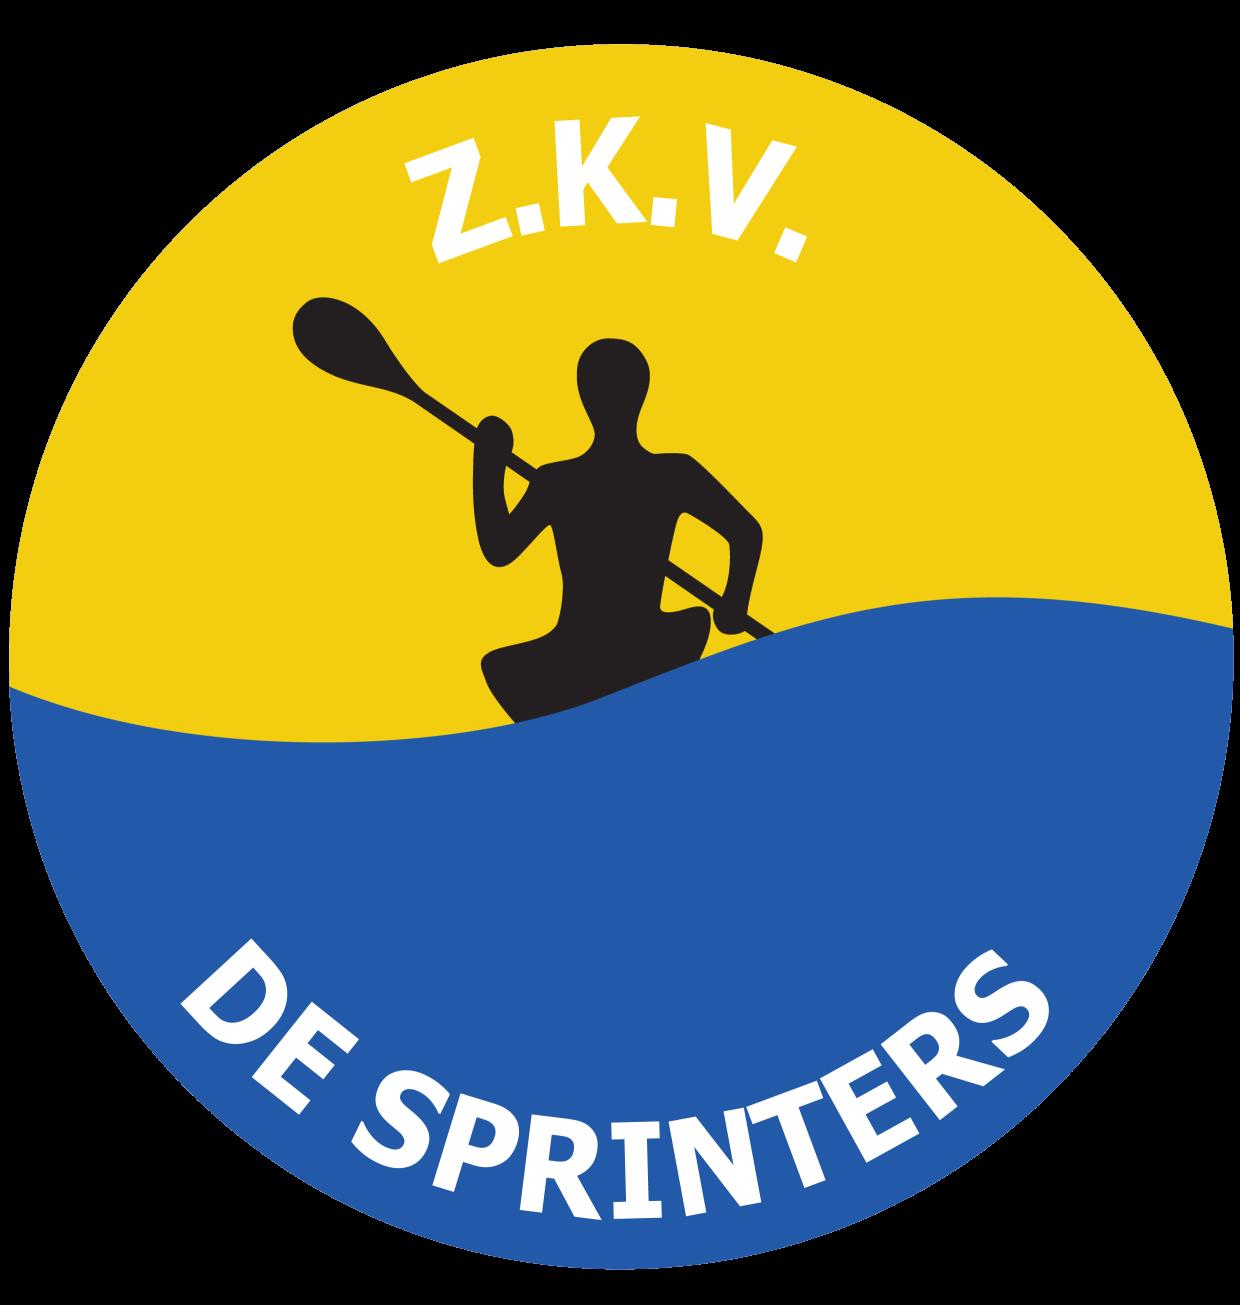 ZKV de Sprinters logo